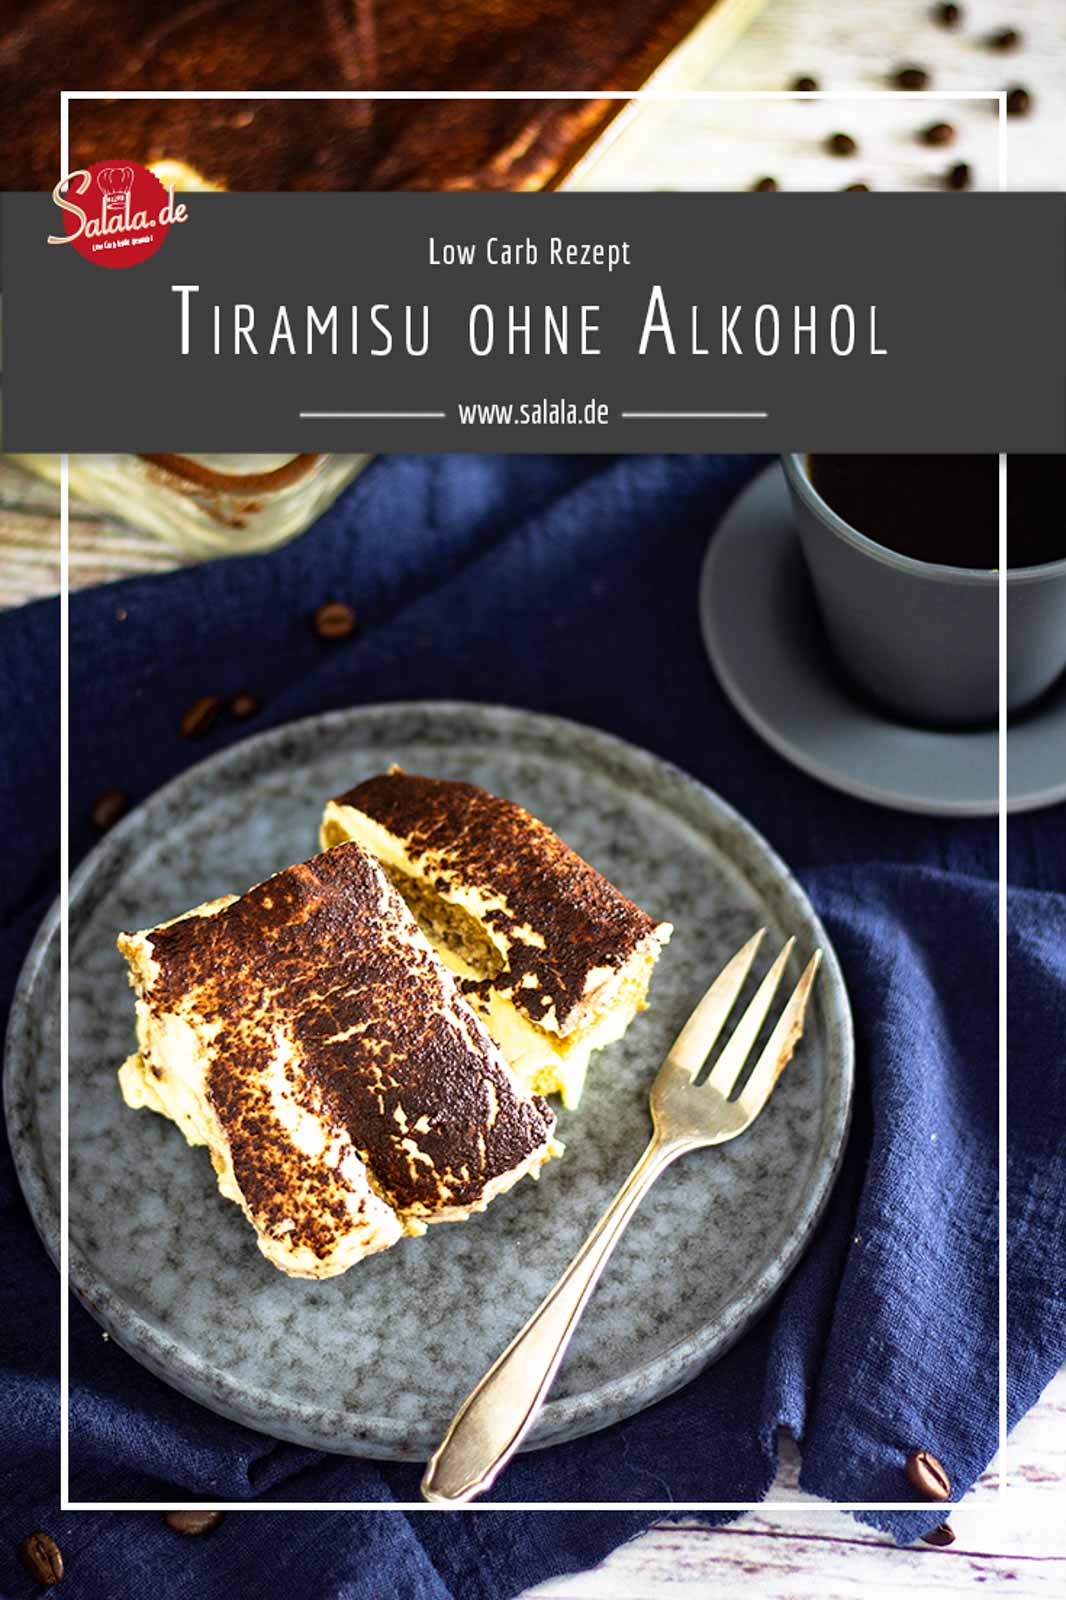 Leckeres Tiramisu ganz ohne Zucker und ohne Alkohol, so wie es sich für Low Carb oder Keto eben gehört. Auch den Löffelbisquit haben wir duch einen Low Carb Bisquit ausgetauscht. Probier's aus und sag uns deine Meinung.  #Tiramisu #LowCarbTiramisu #TiramisuohneAlkohol #LowCarbDessert #NachspeiseohneZucker